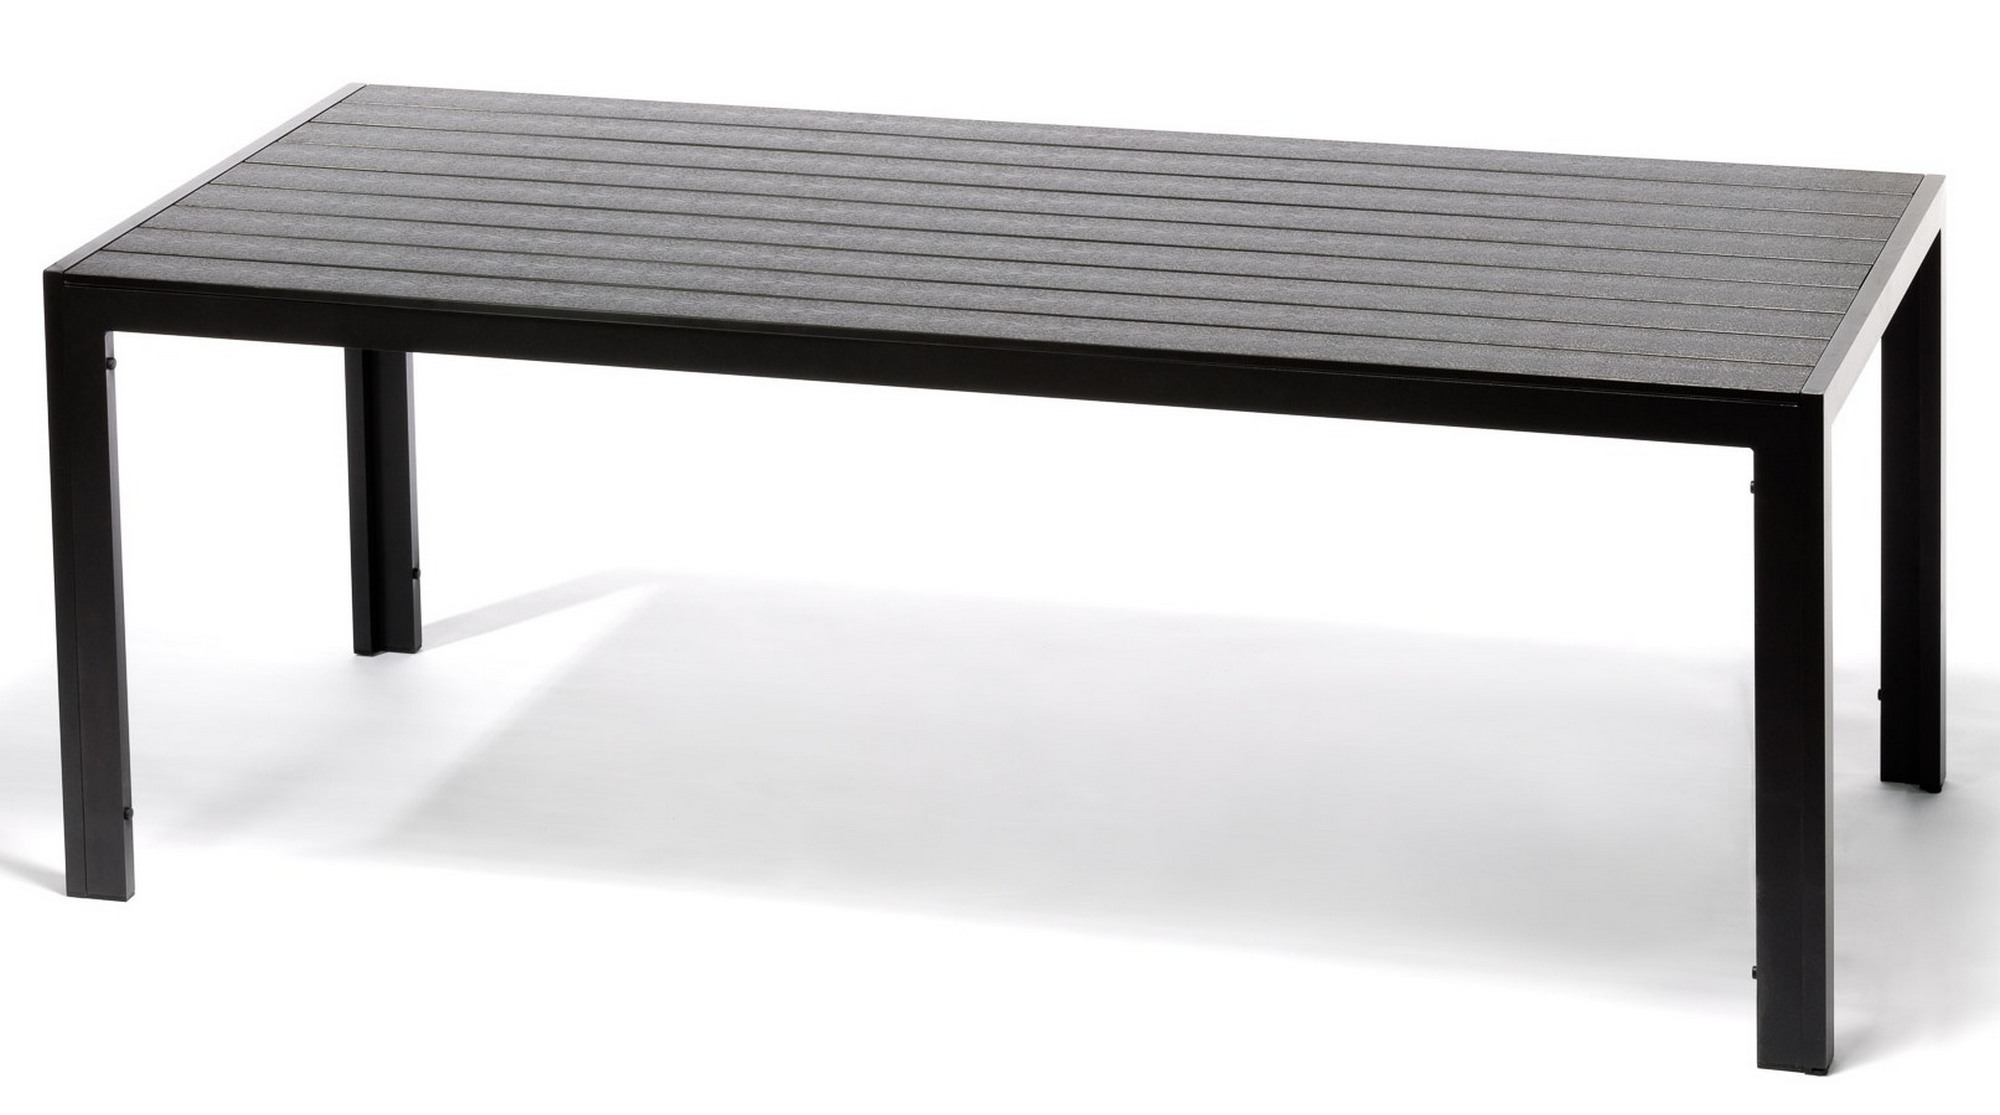 VIKING XL jídelní stůl, cena za ks